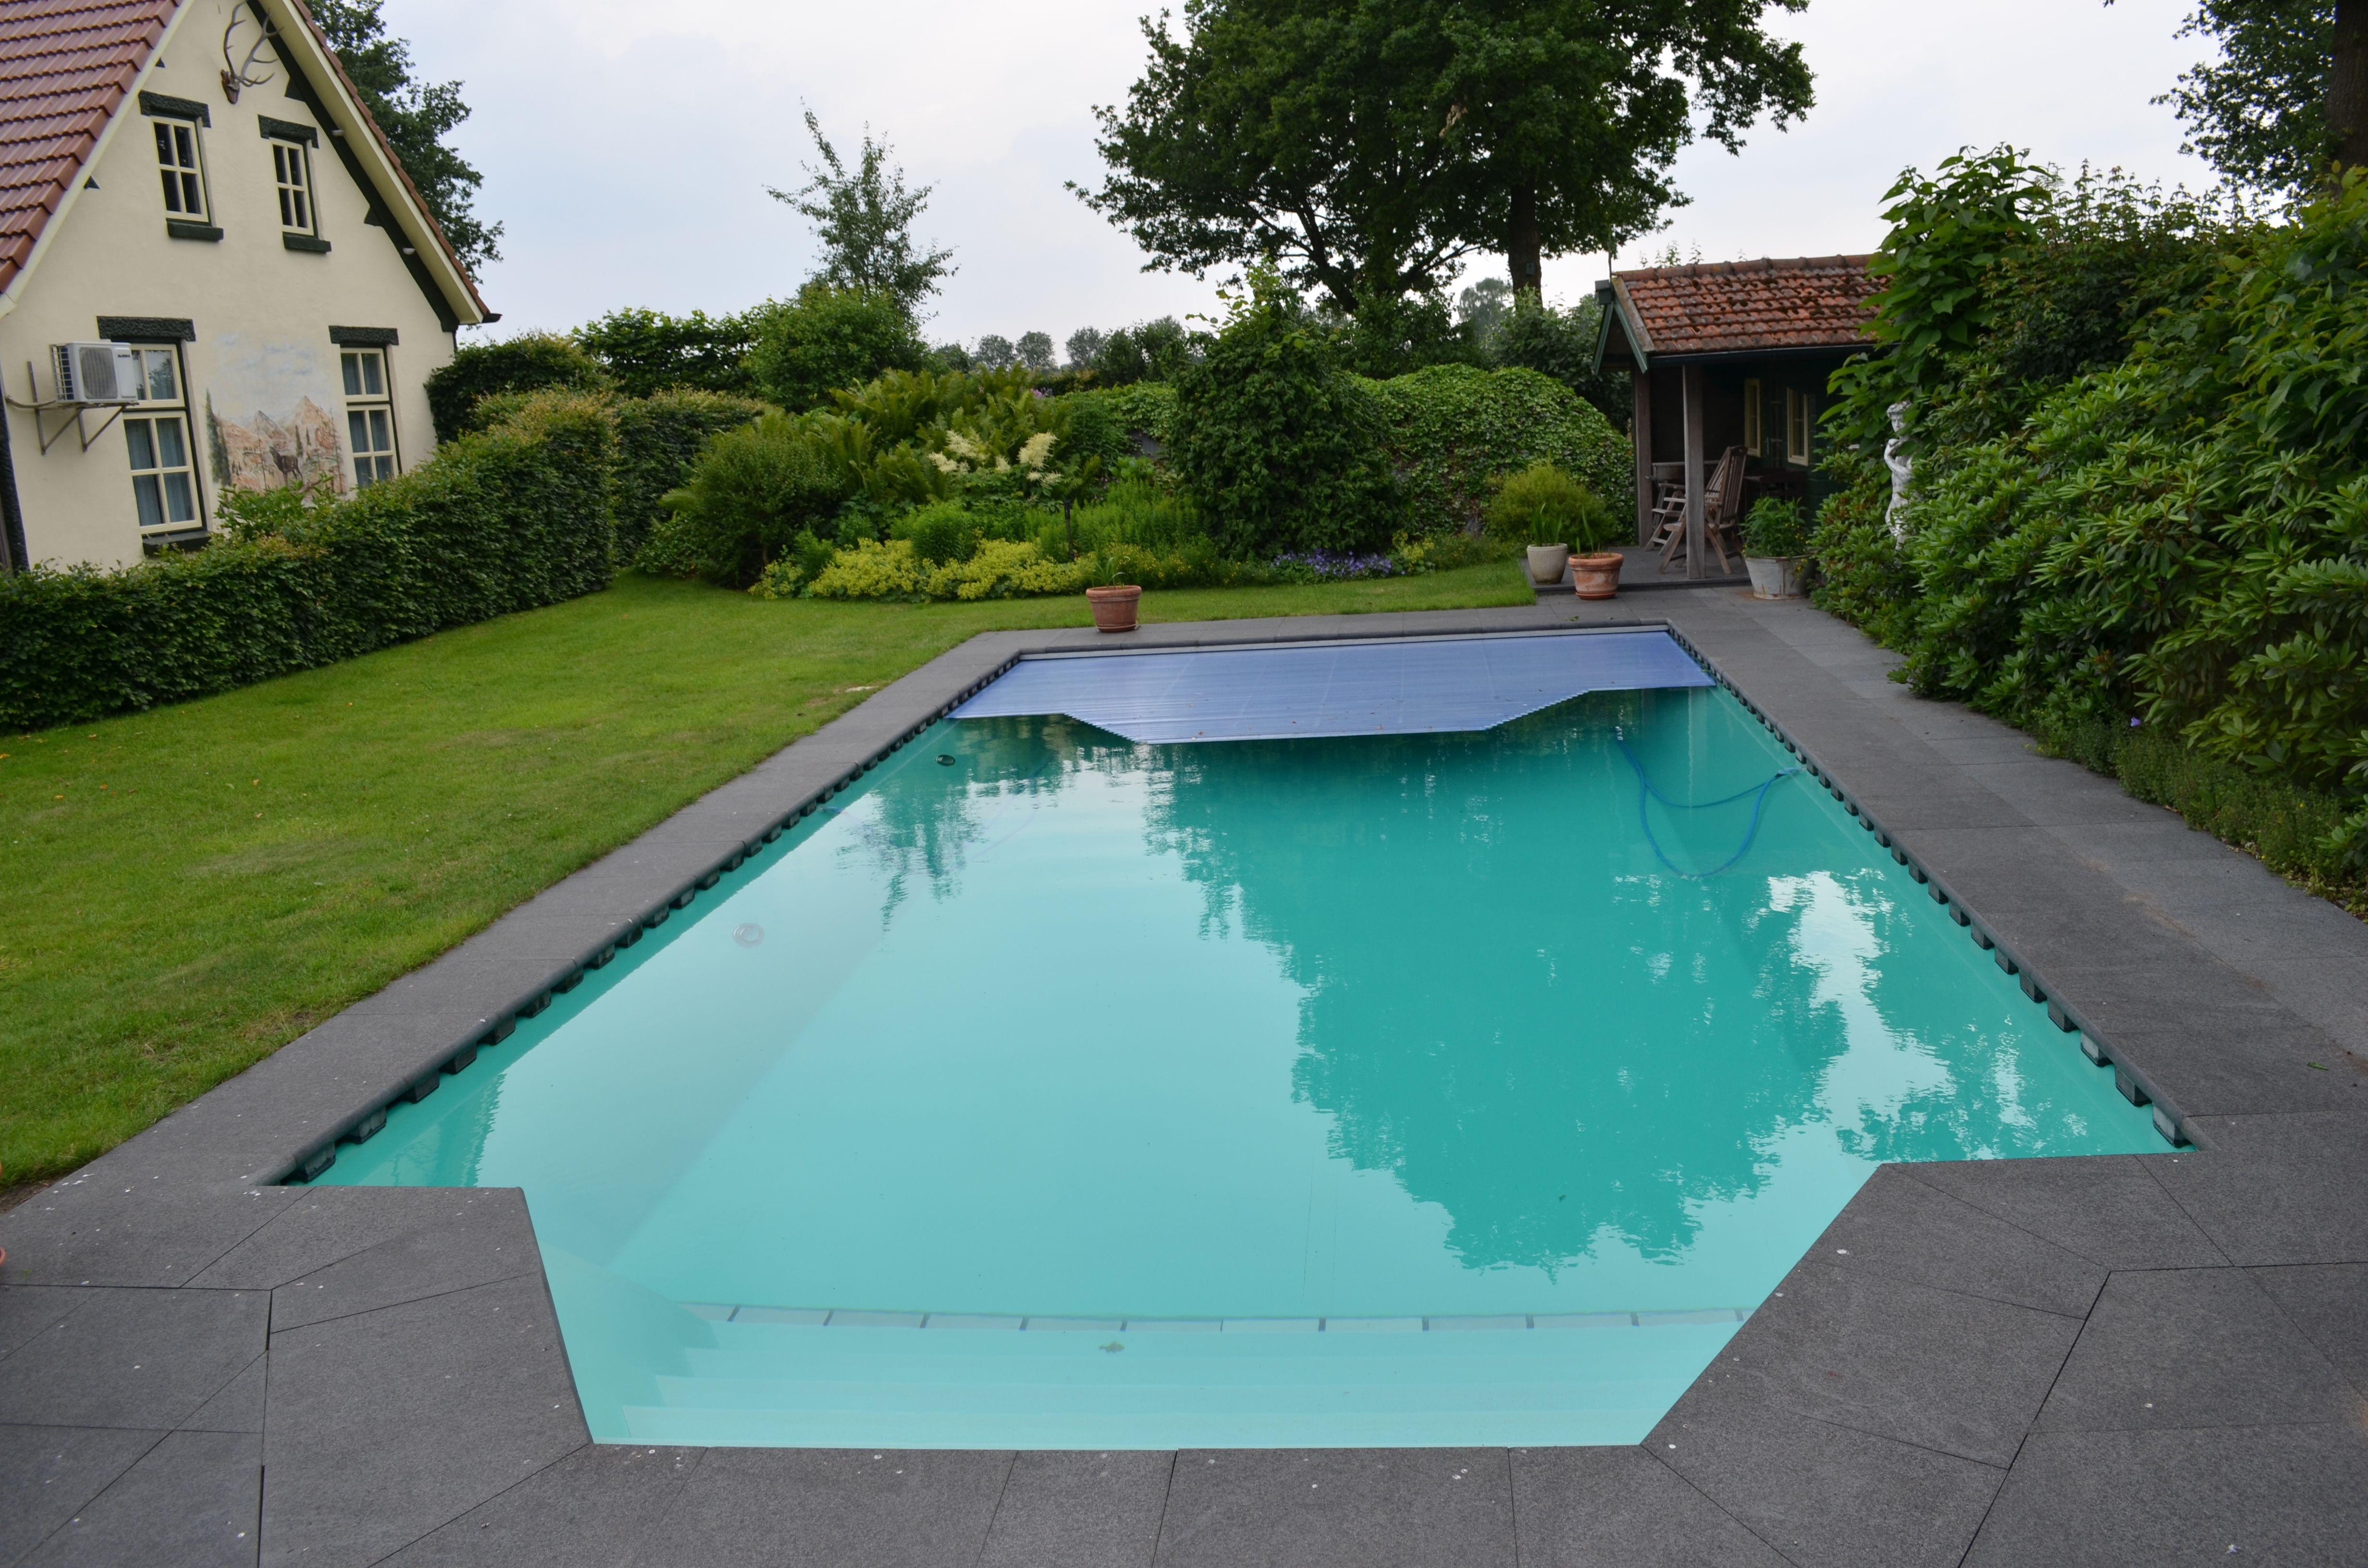 Priv zwembad met trap en lamellen afdekking zwembadafdekking pinterest - Outdoor decoratie zwembad ...